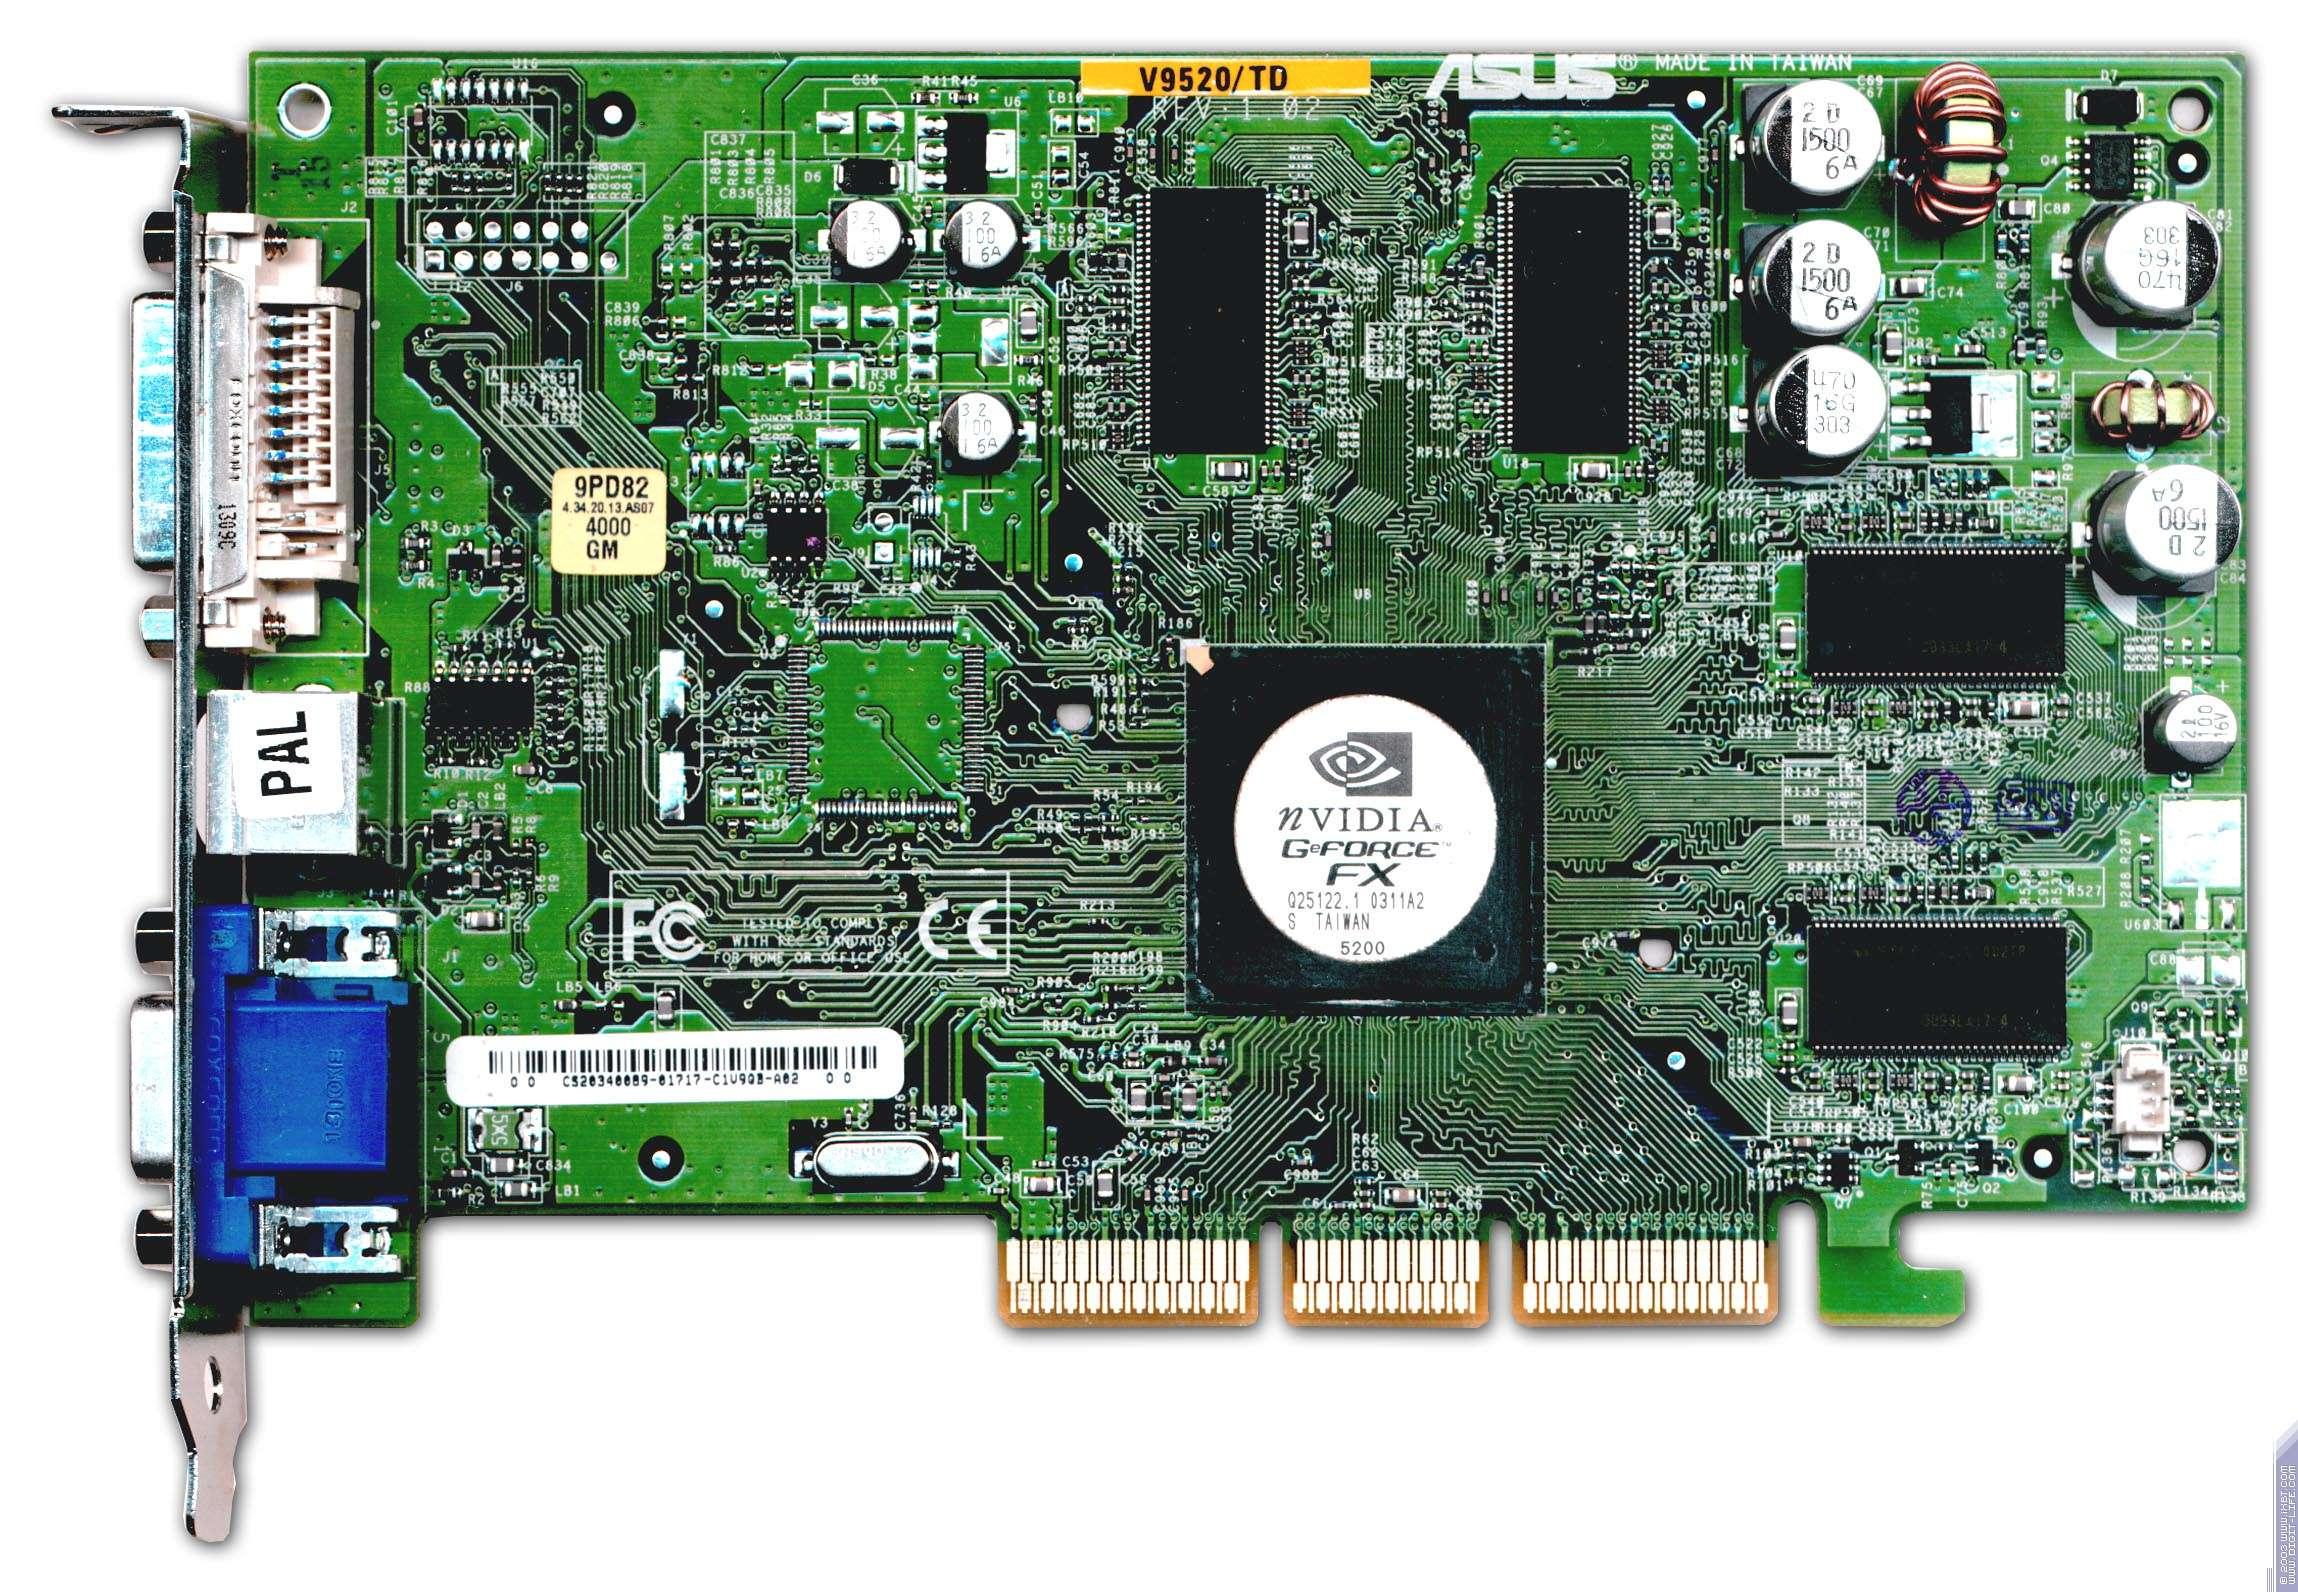 Скачать Драйвера На Geforce Fx5200 128 Mb